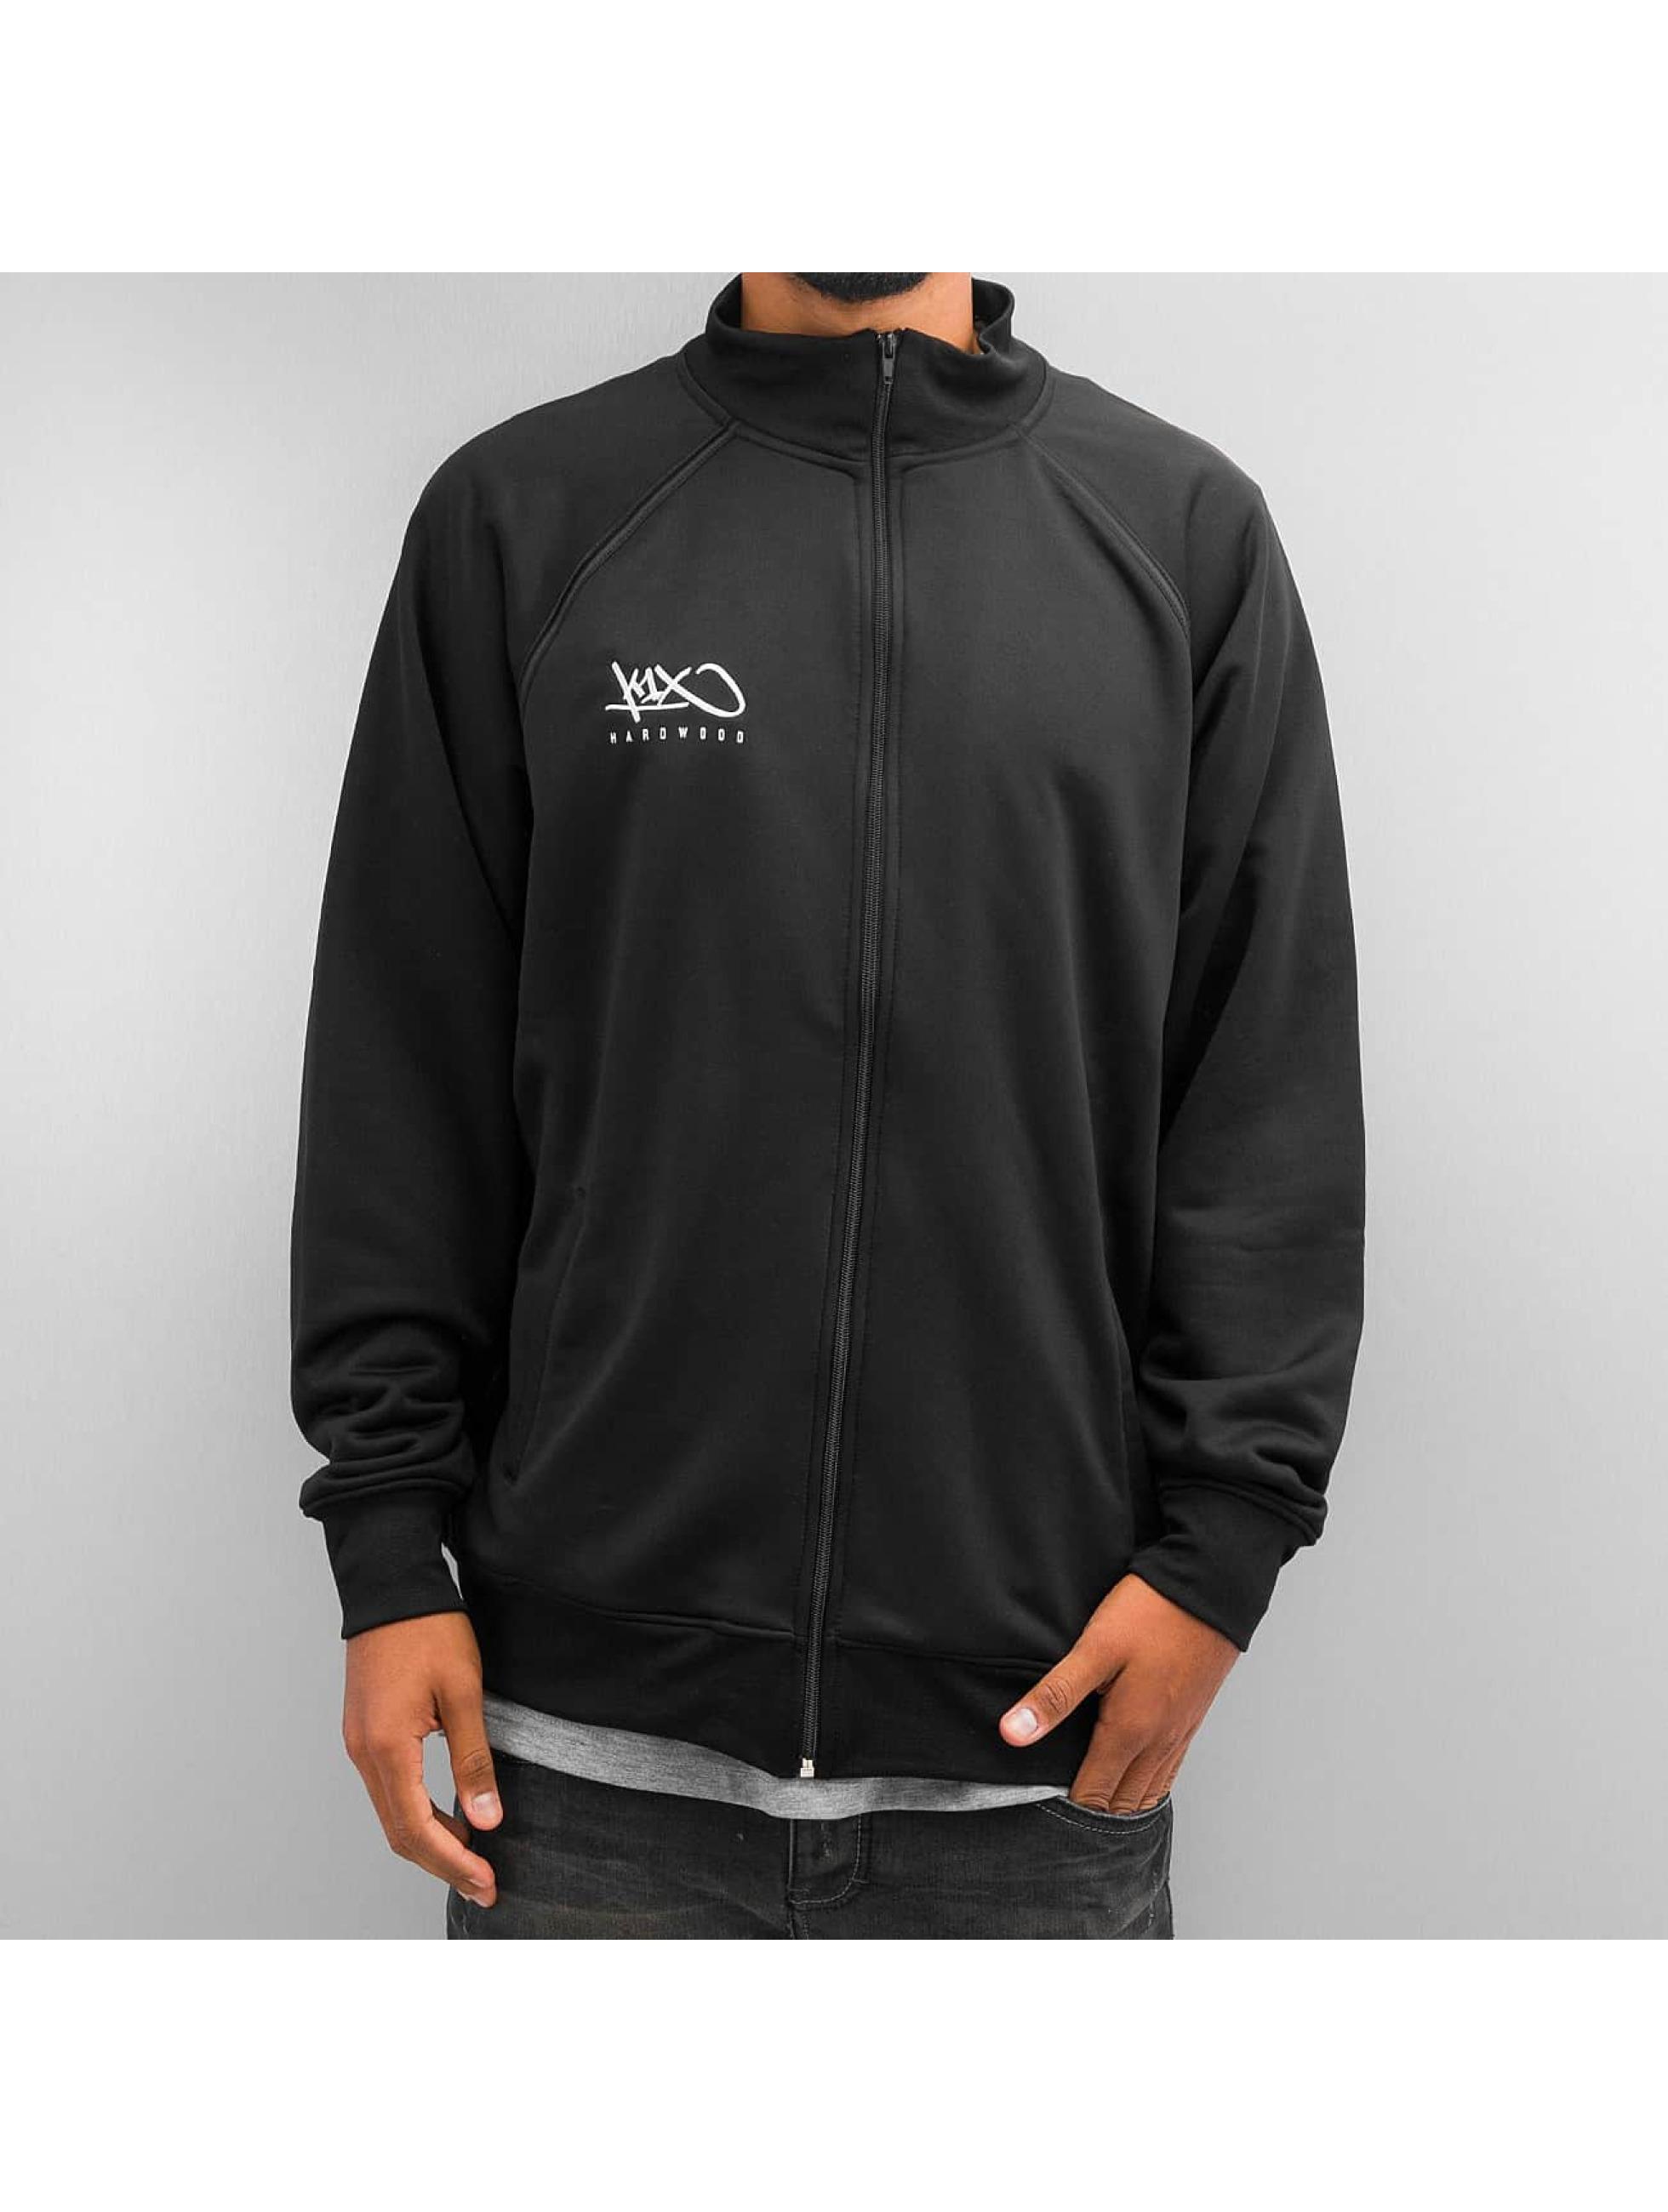 K1X Демисезонная куртка Hardwood Intimidator Warm Up черный